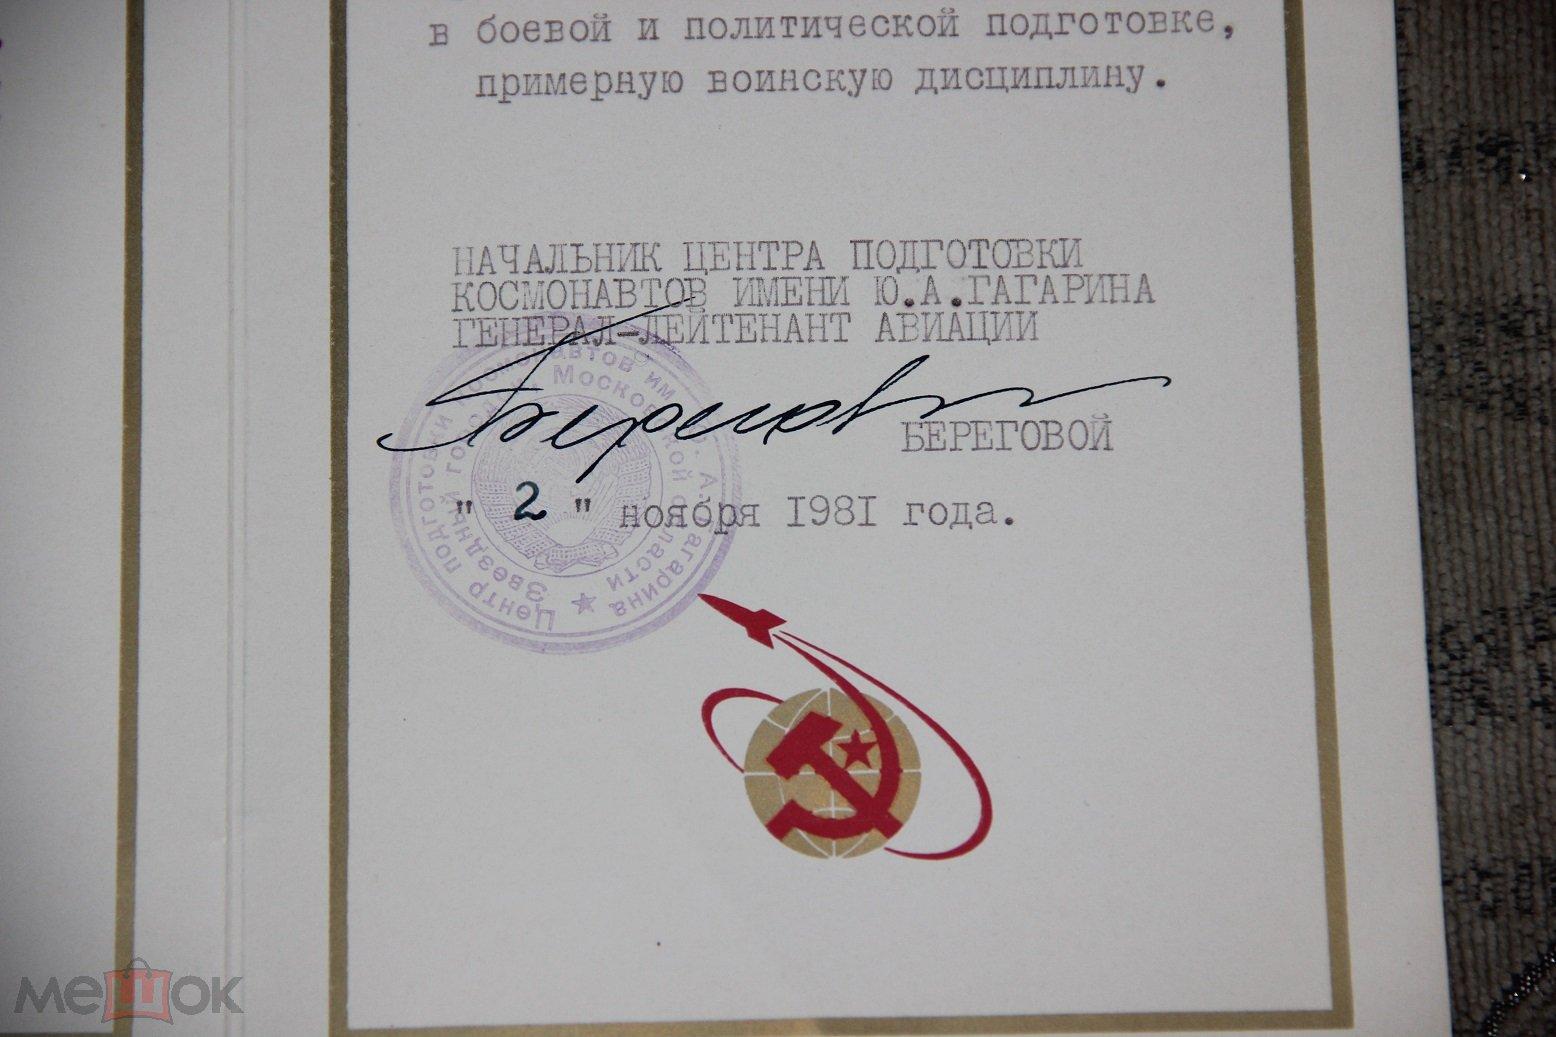 Диплом имени Юрия ГАГАРИНА Подпись Автограф нач ЦПК БЕРЕГОВОЙ  Все фото на одной странице